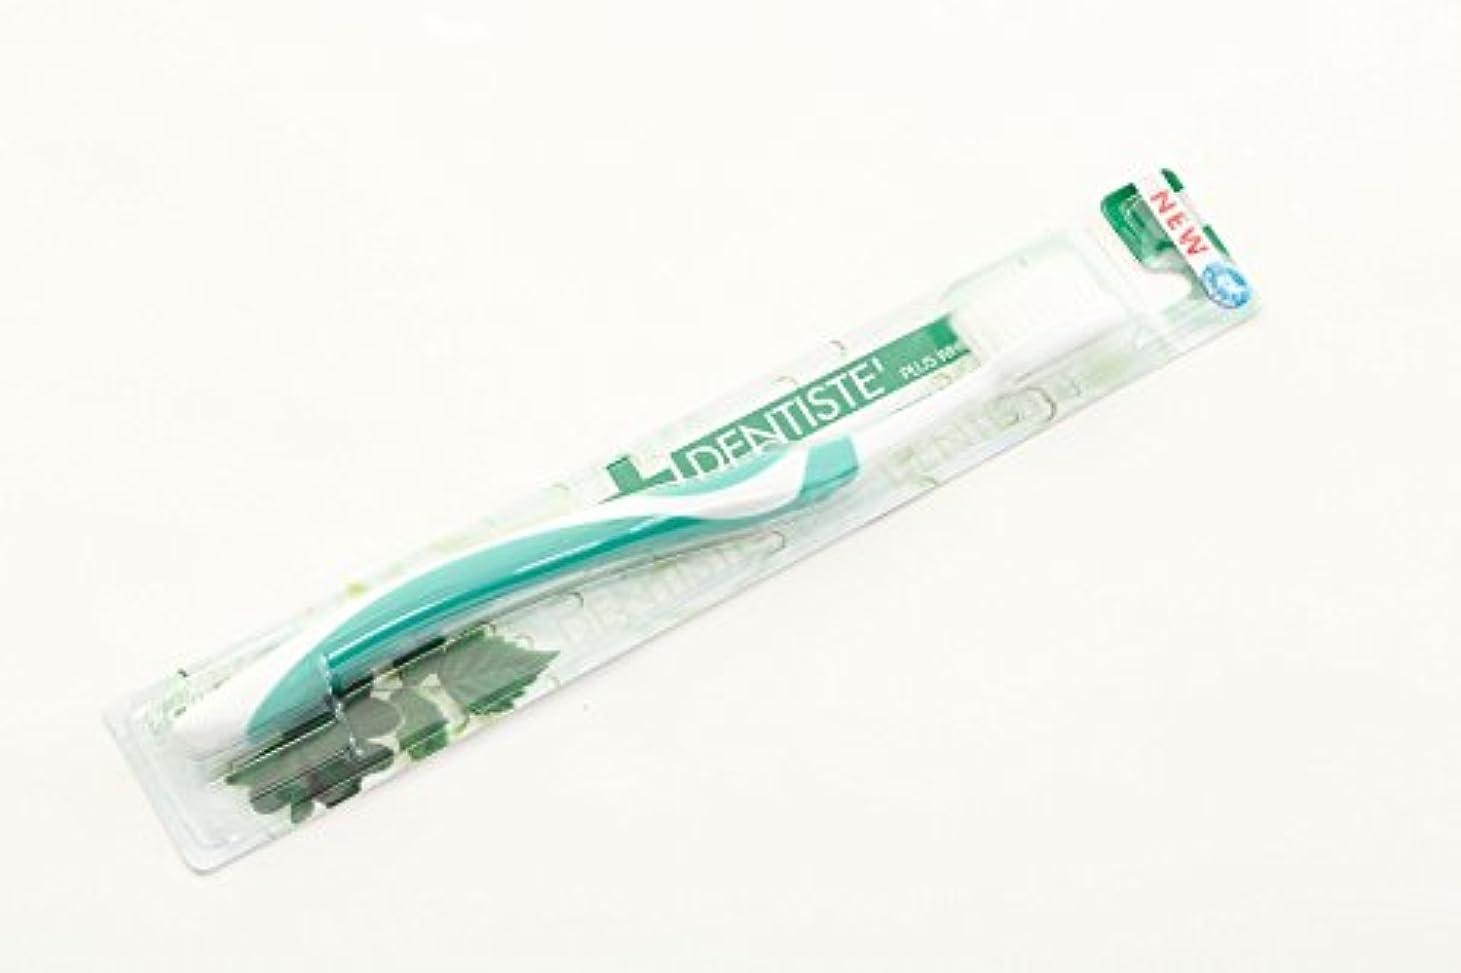 擬人古代メンター@コスメNo1のLove歯磨き デンティス【歯ブラシ DENTISTE  大人用】 人気?売れてます